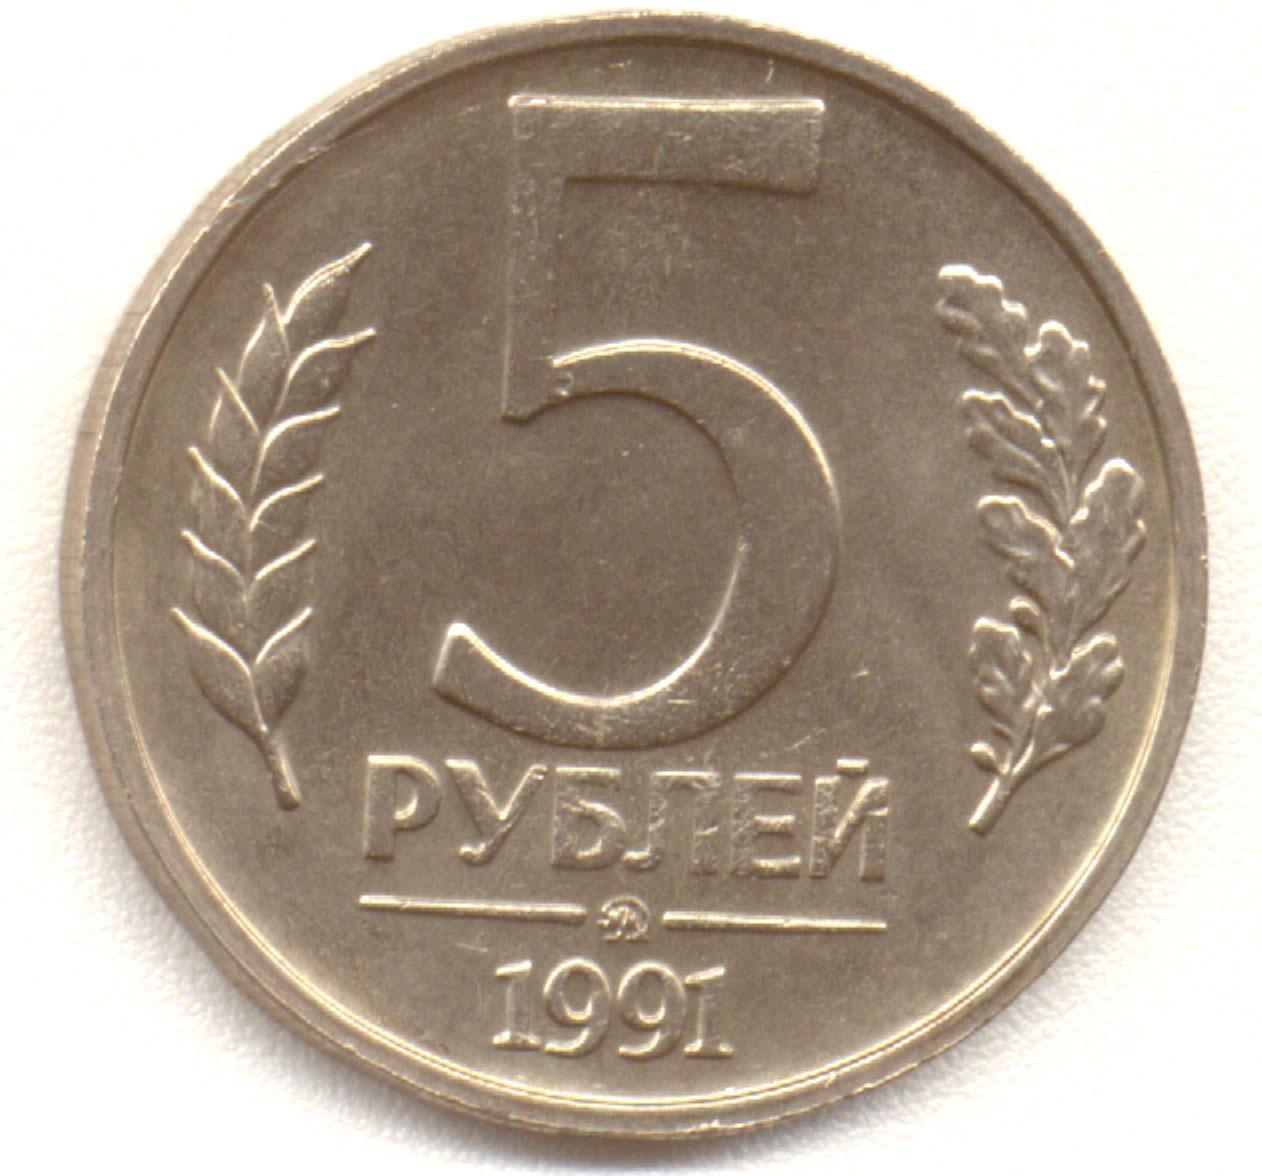 Монета 5 рублей 1991 года. Цена и стоимость на рынке в России